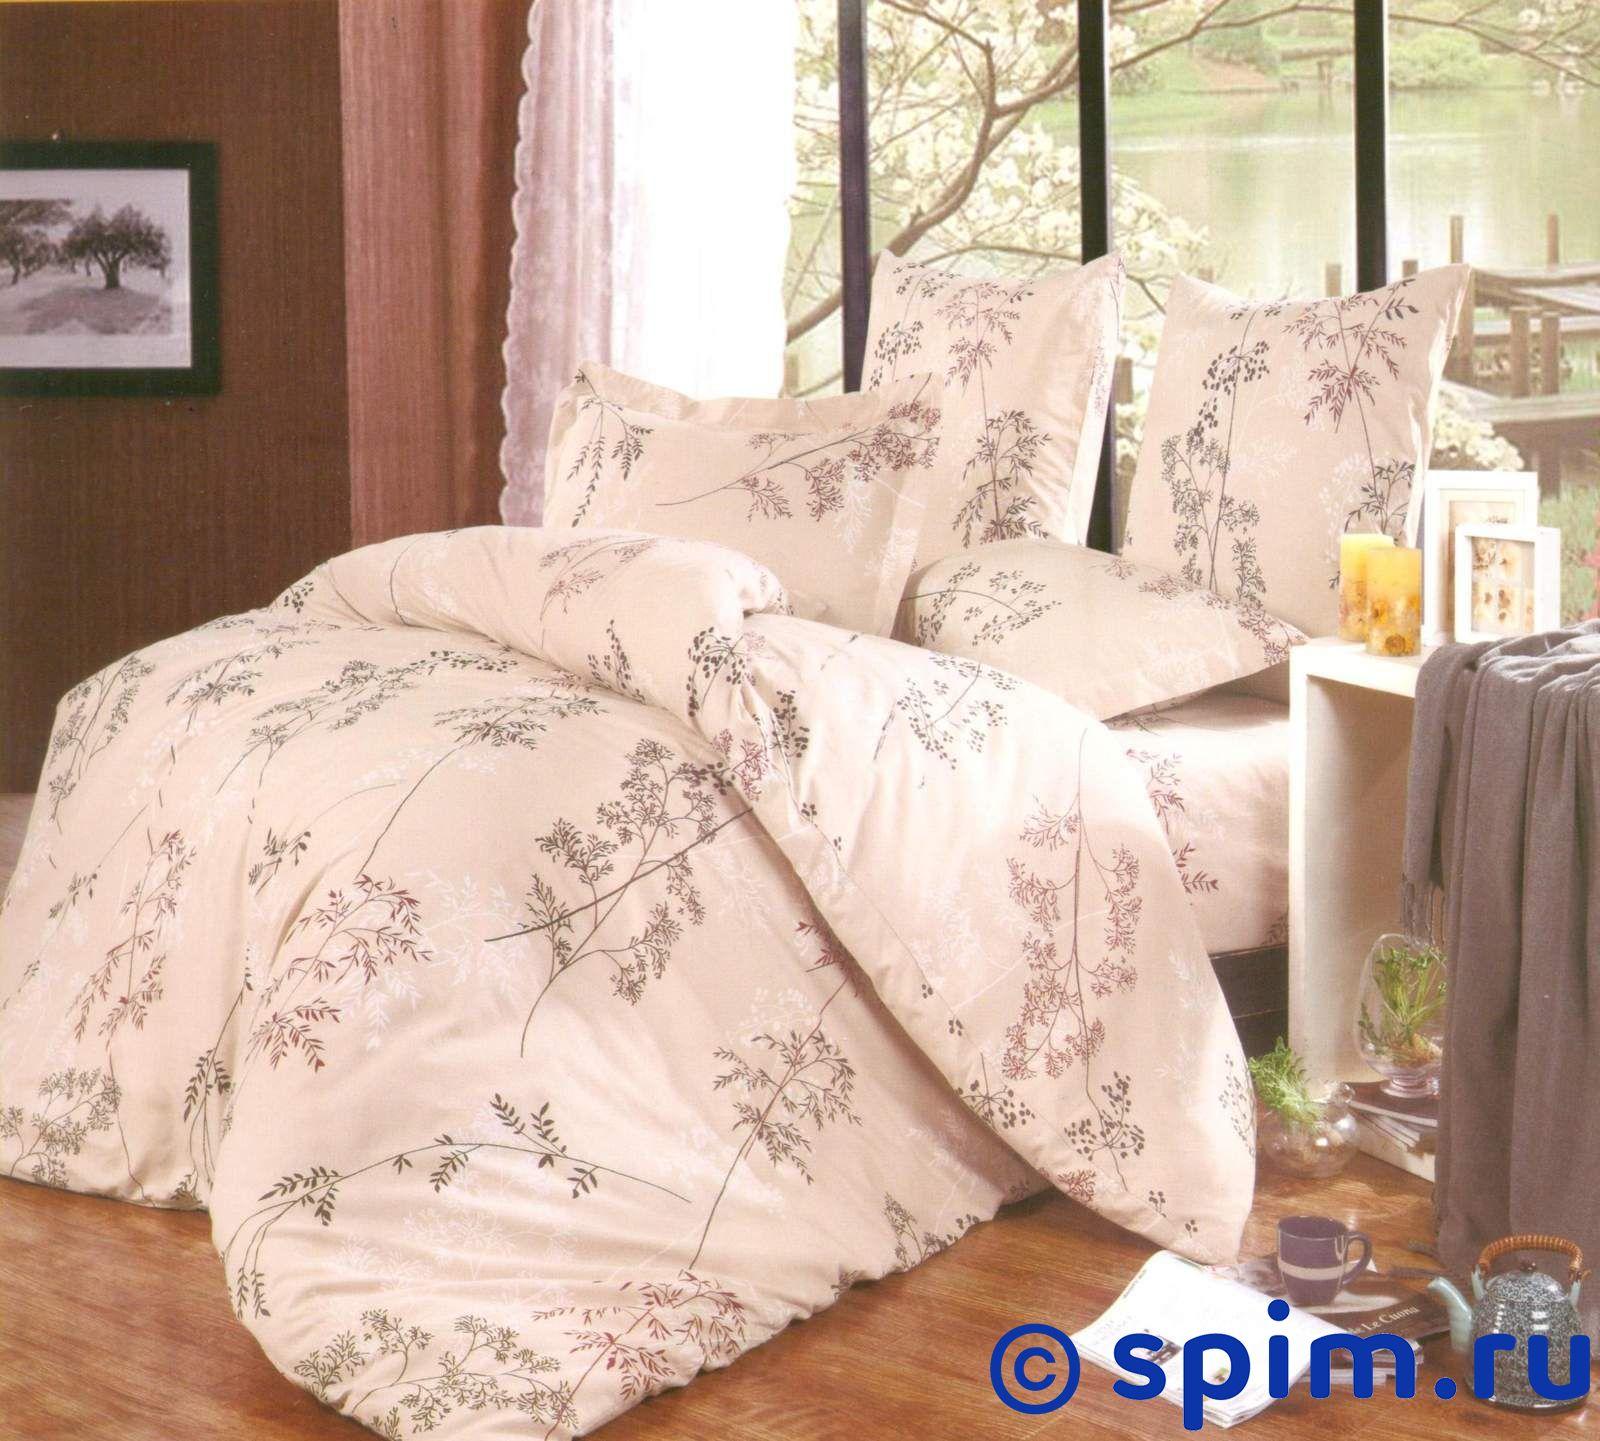 Комплект СайлиД А140 1.5 спальное